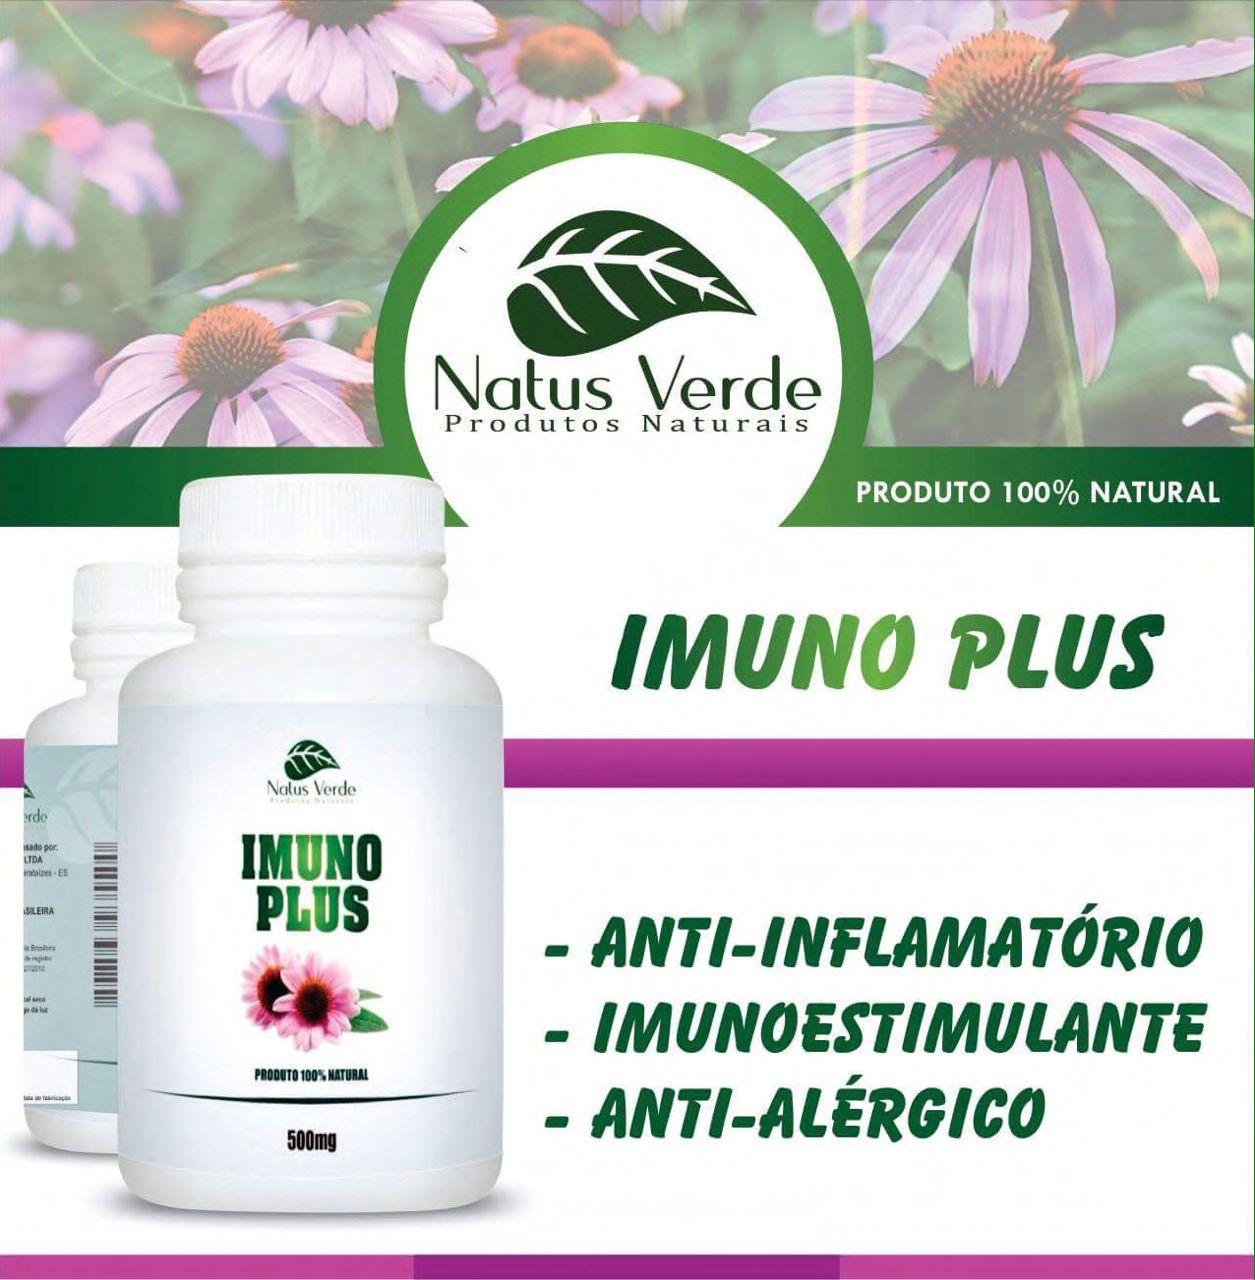 Imunoestimulante Natural Imuno Plus 60 Caps Natus verde  - Fribasex - Fabricasex.com